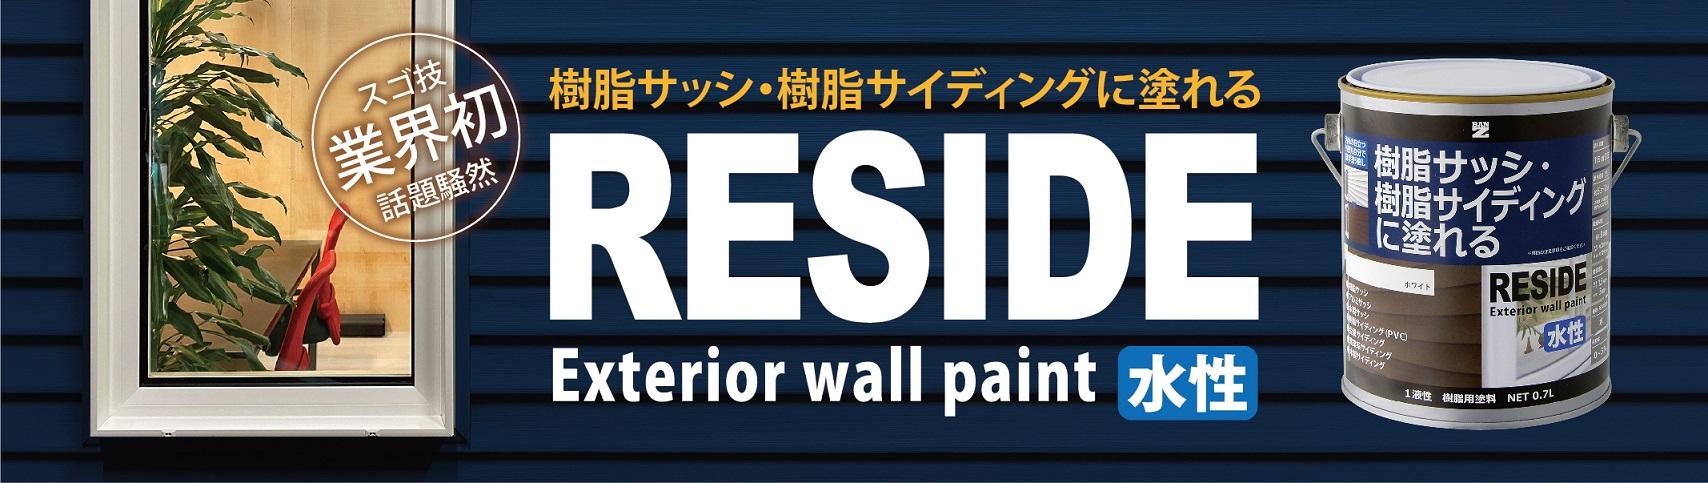 サビの上に塗るだけで、サビを止める「サビキラーPRO」